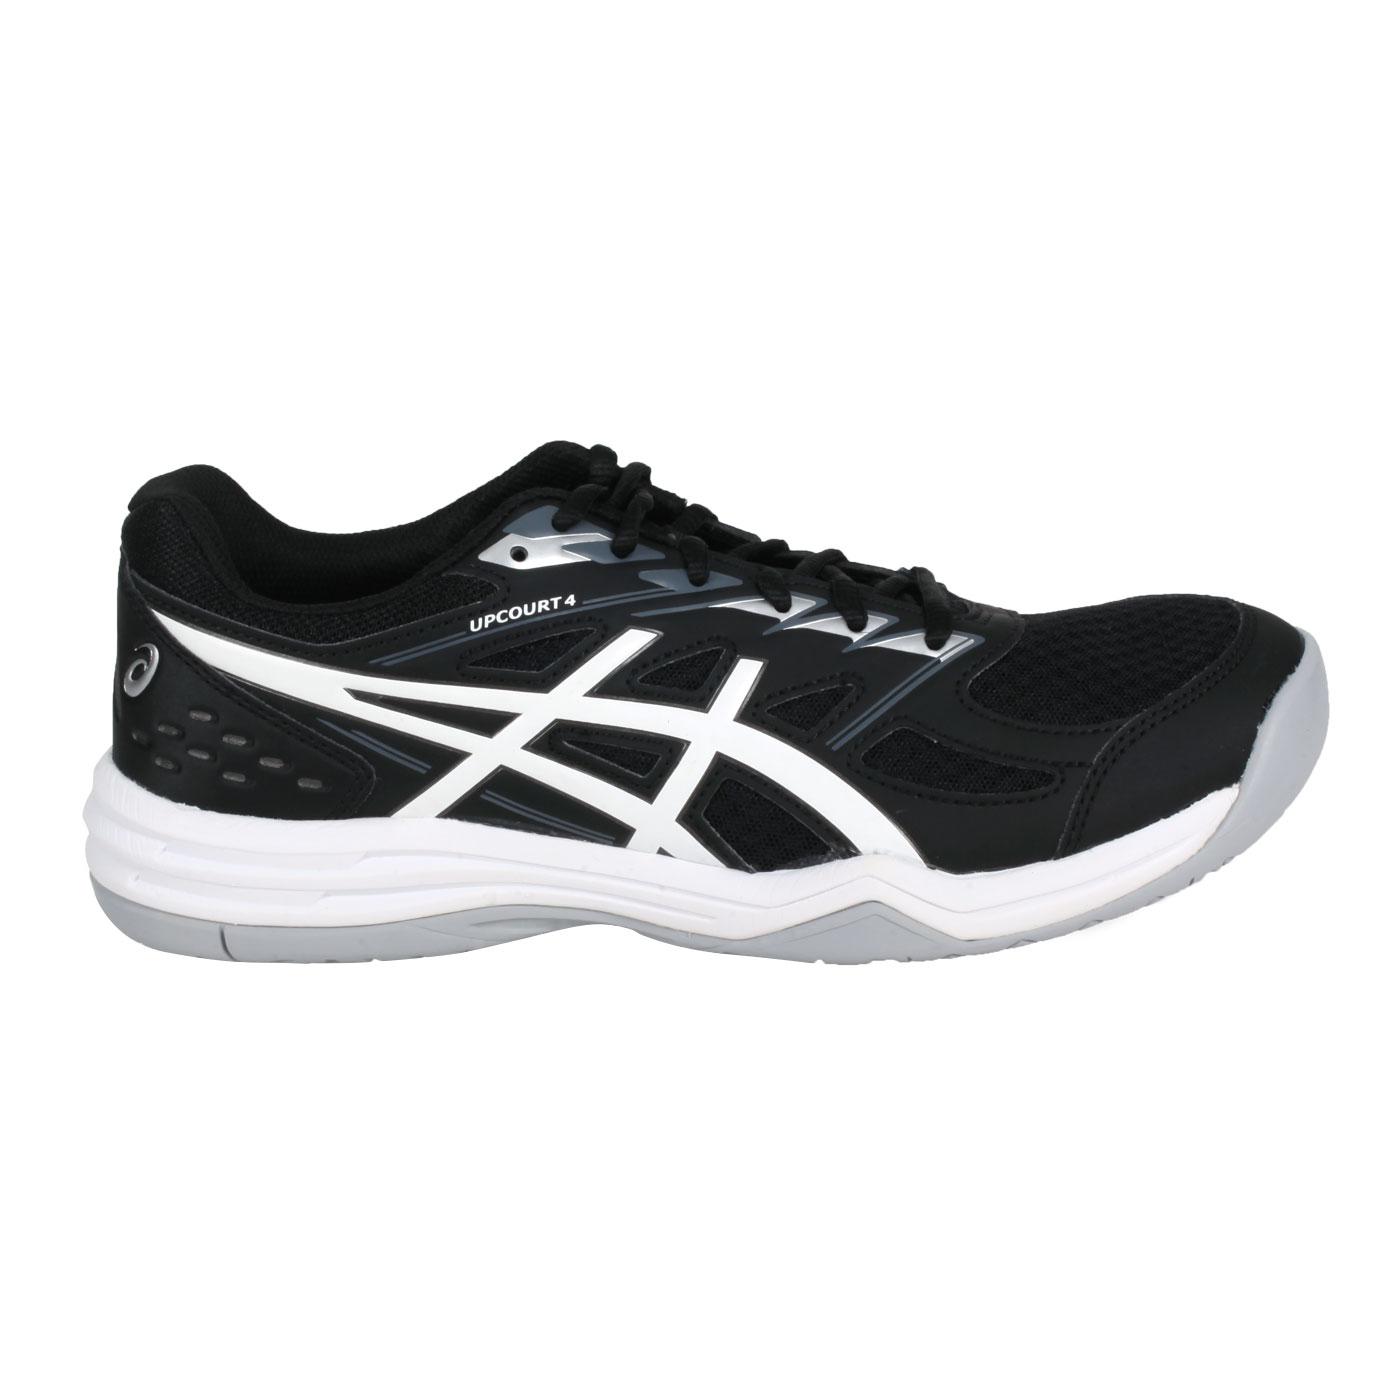 ASICS 男款排羽球鞋  @UPCOURT 4@1071A053-003